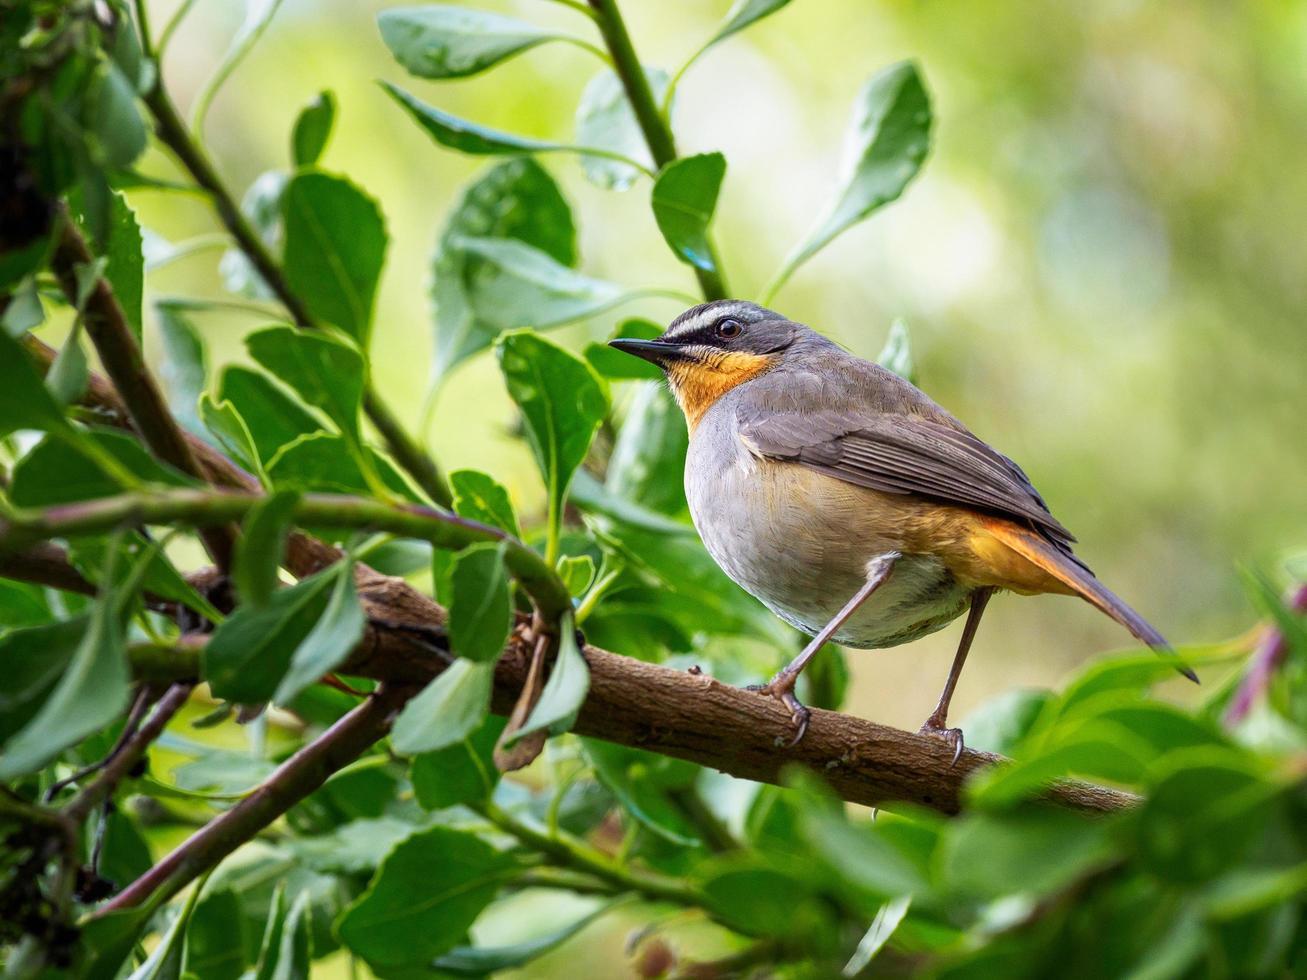 primer plano de un pájaro del cabo robin-chat foto